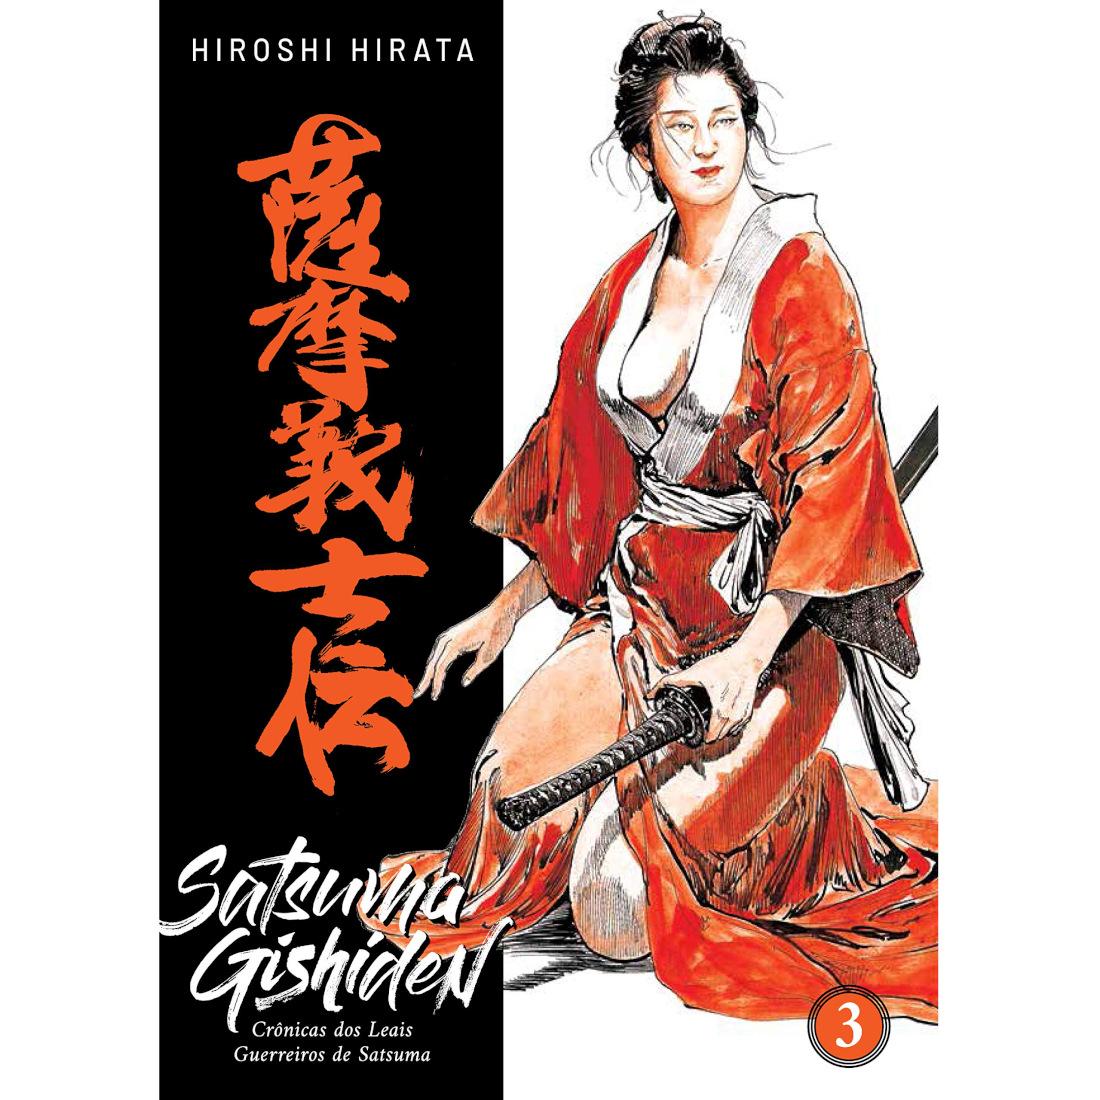 Satsuma Gishiden - Crônicas dos Leais Guerreiros de Satsuma Vol. 3